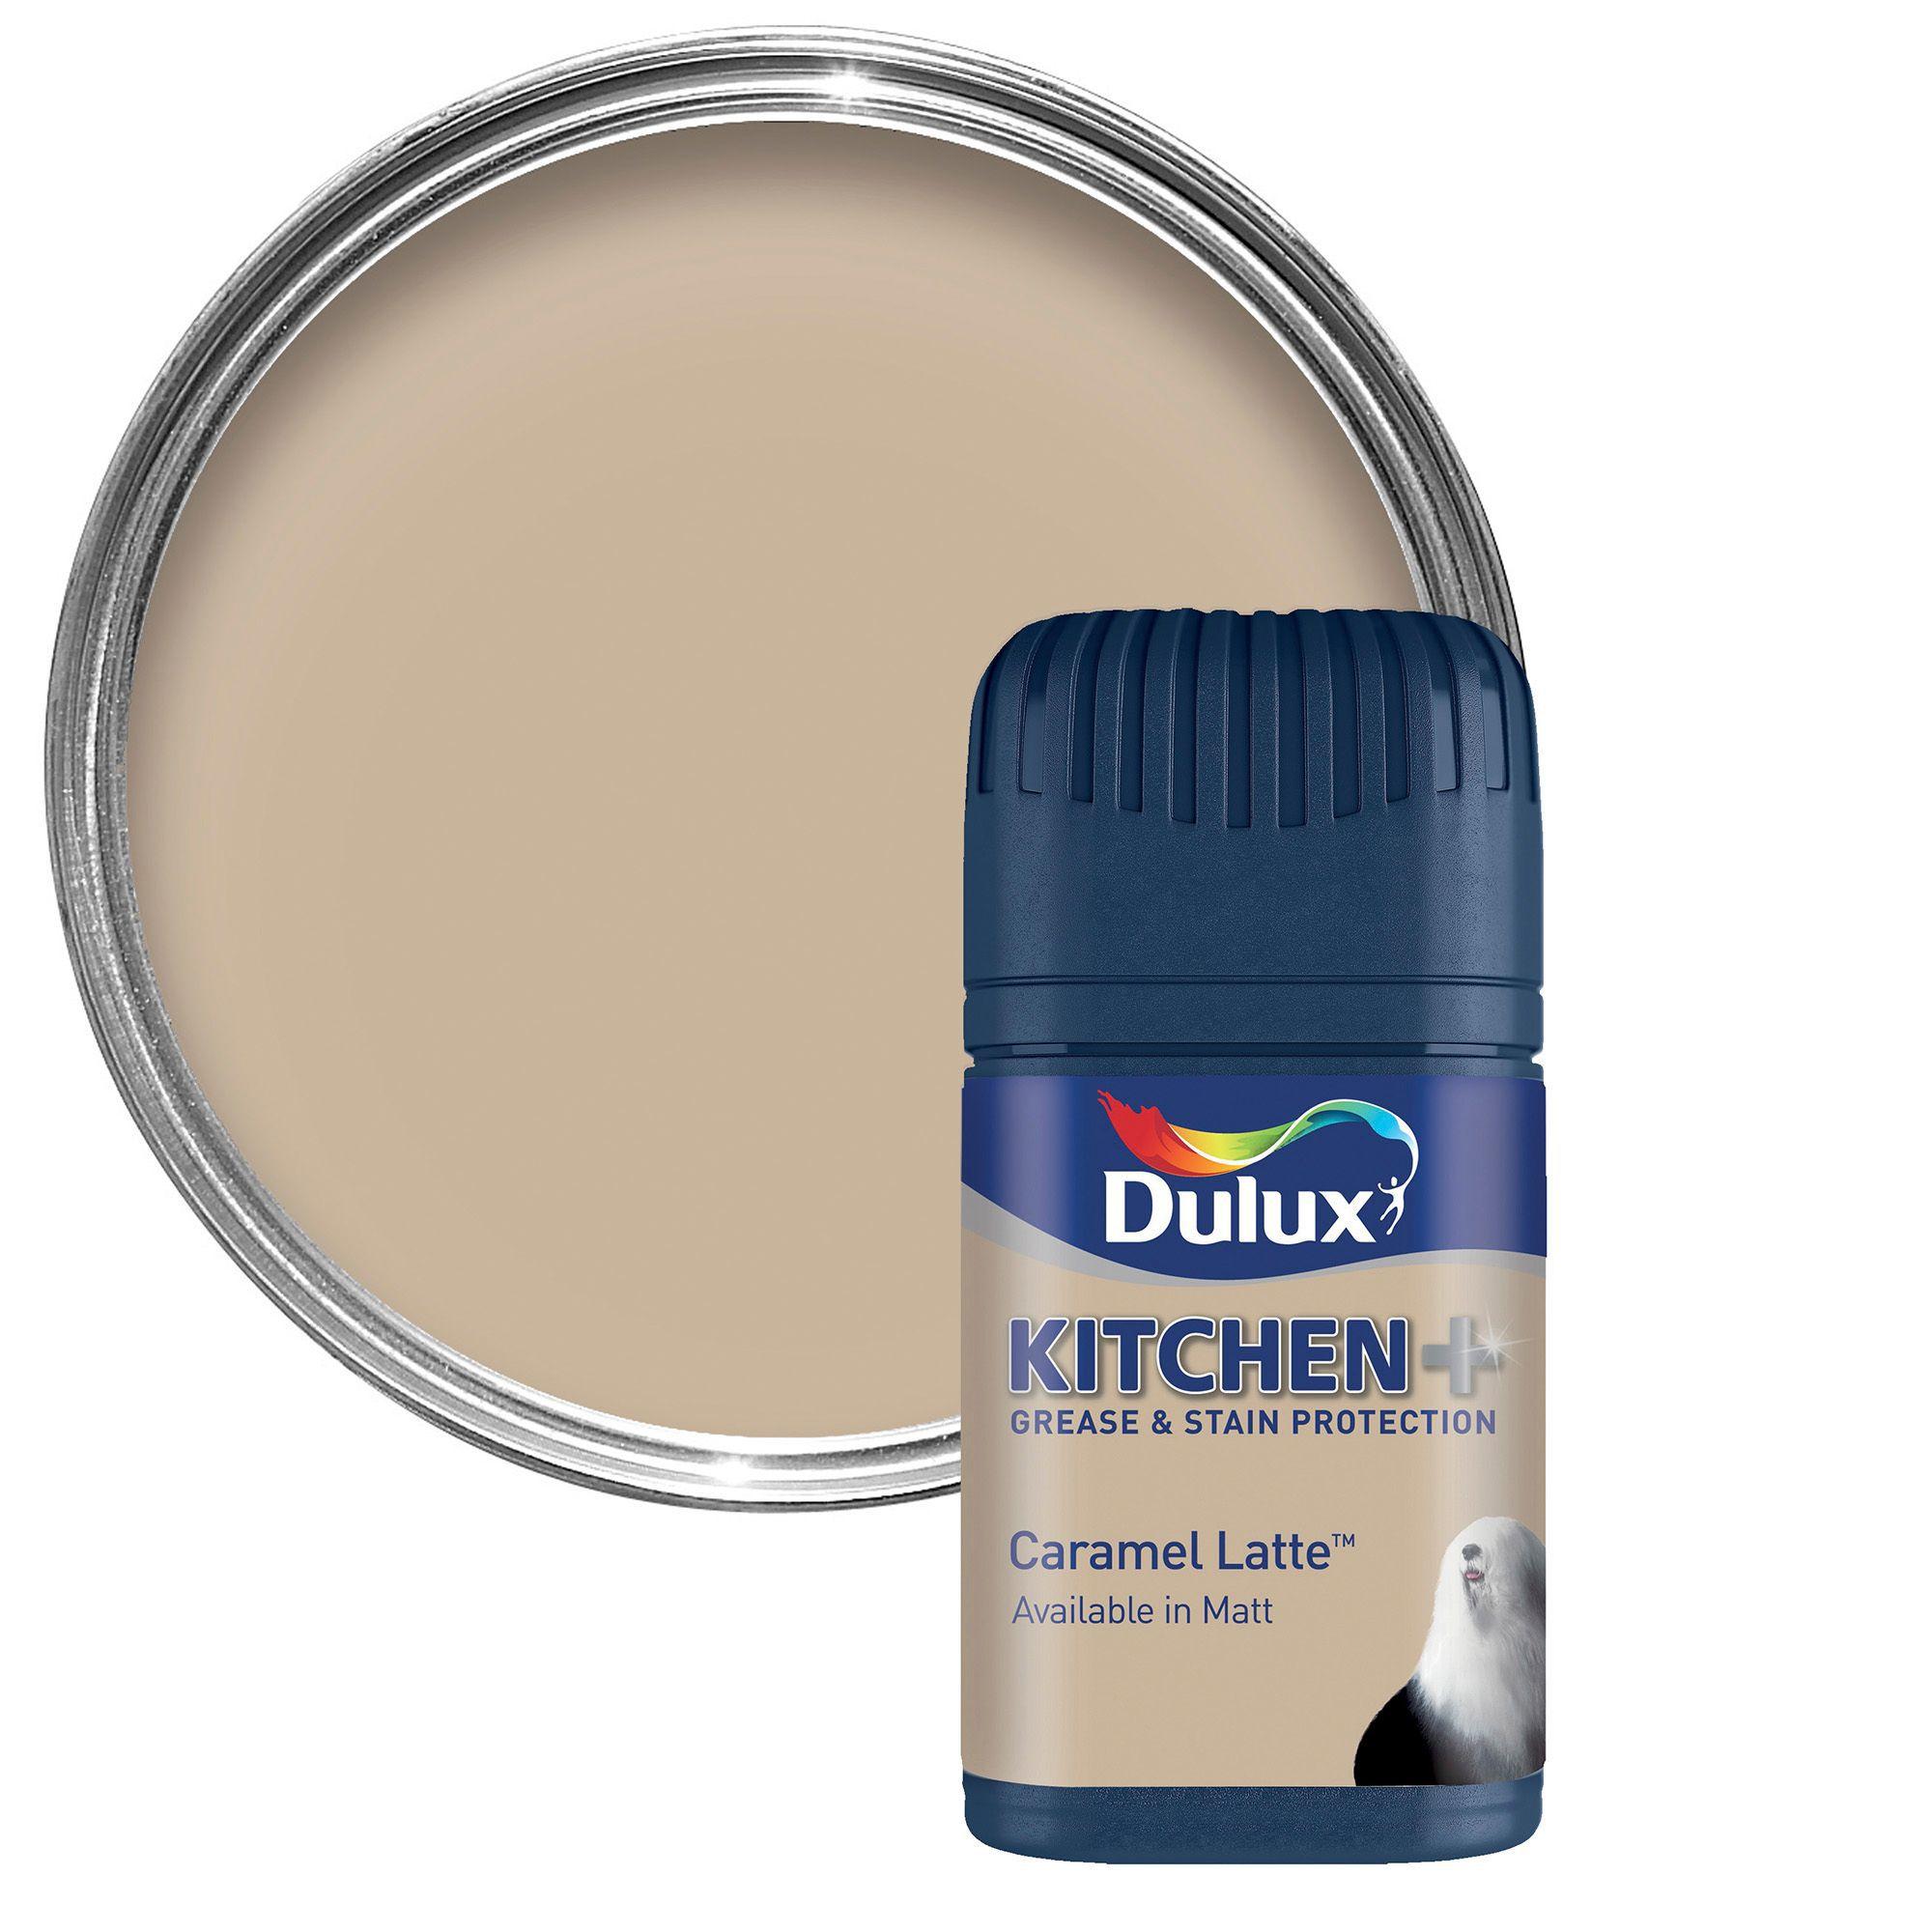 Dulux Kitchen Caramel latte Matt Emulsion paint 0.05L ...